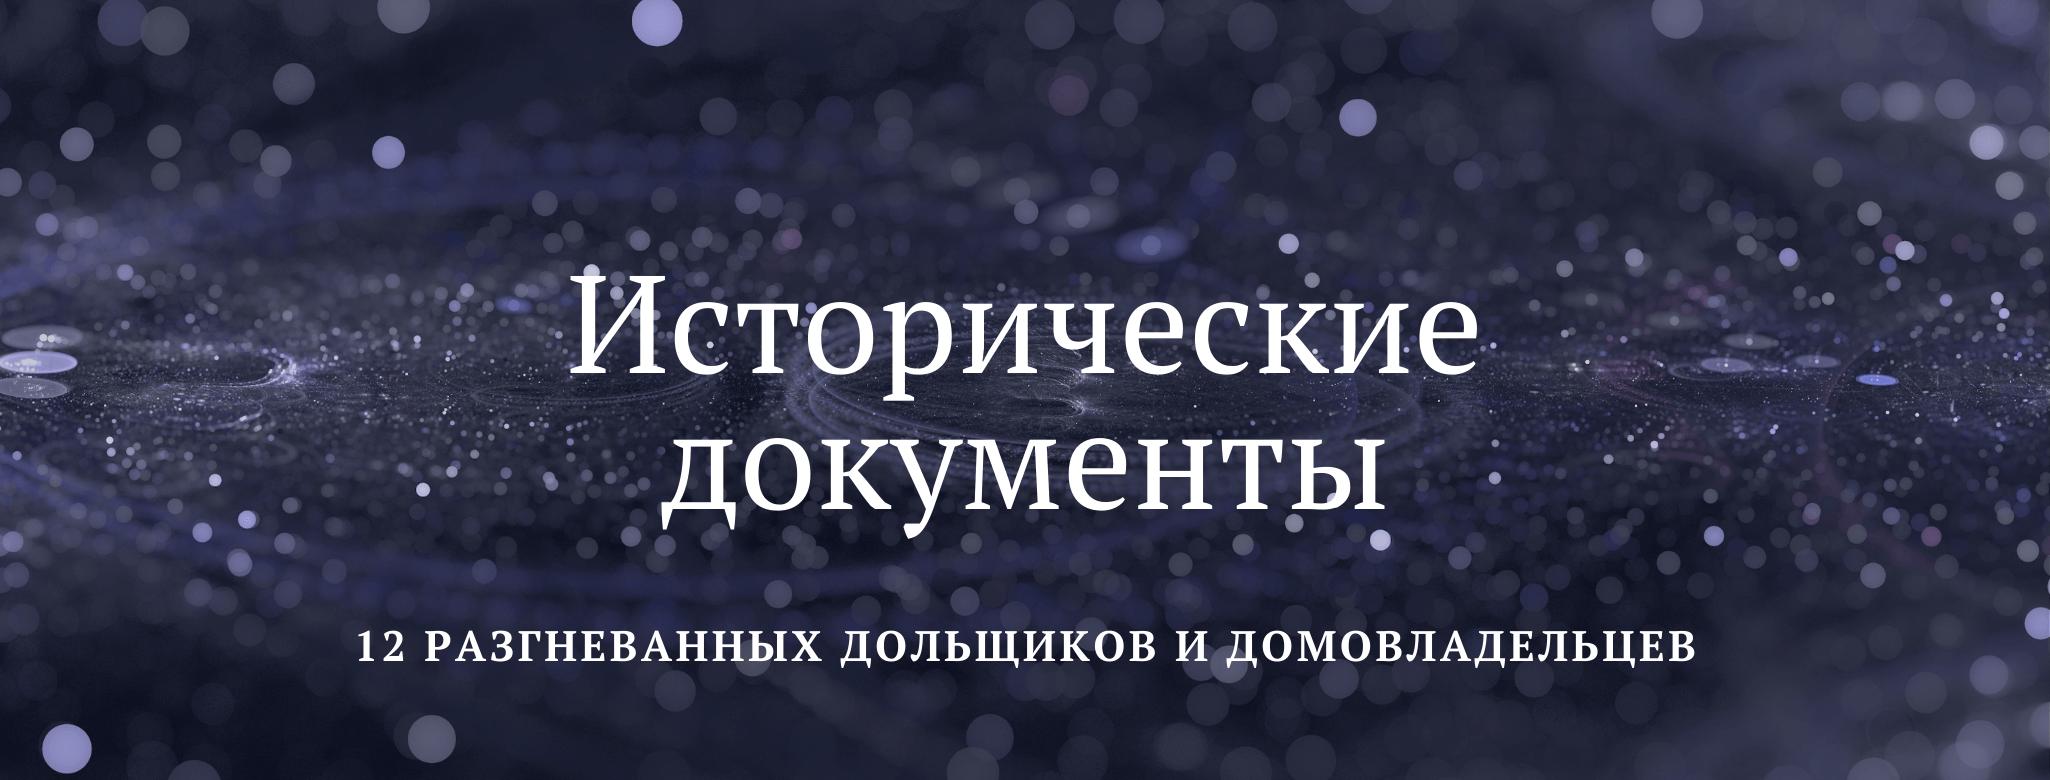 Правила въезда и выезда из России